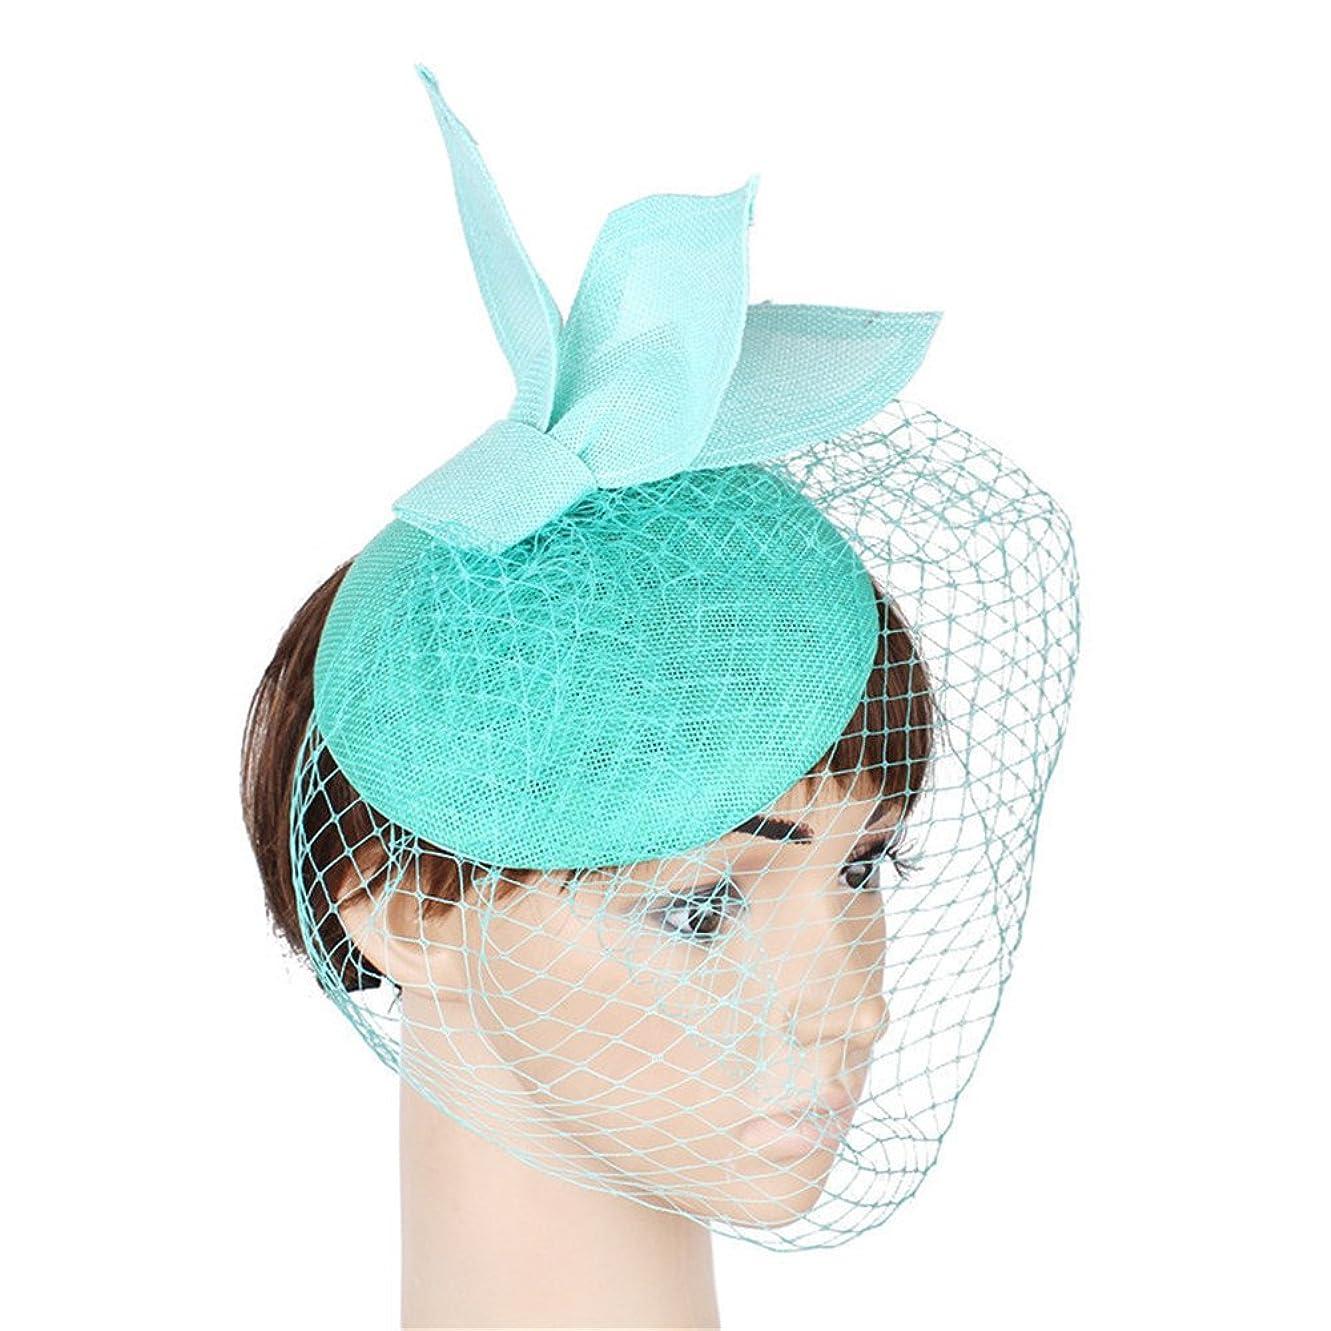 食器棚船上太平洋諸島女性の魅力的な帽子 フラワーフェザーヘッドバンド魅惑的な結婚式の帽子コンペティションロイヤルアスコットカクテルパーティーダービーキャップ用女性 (色 : レイクブルー)